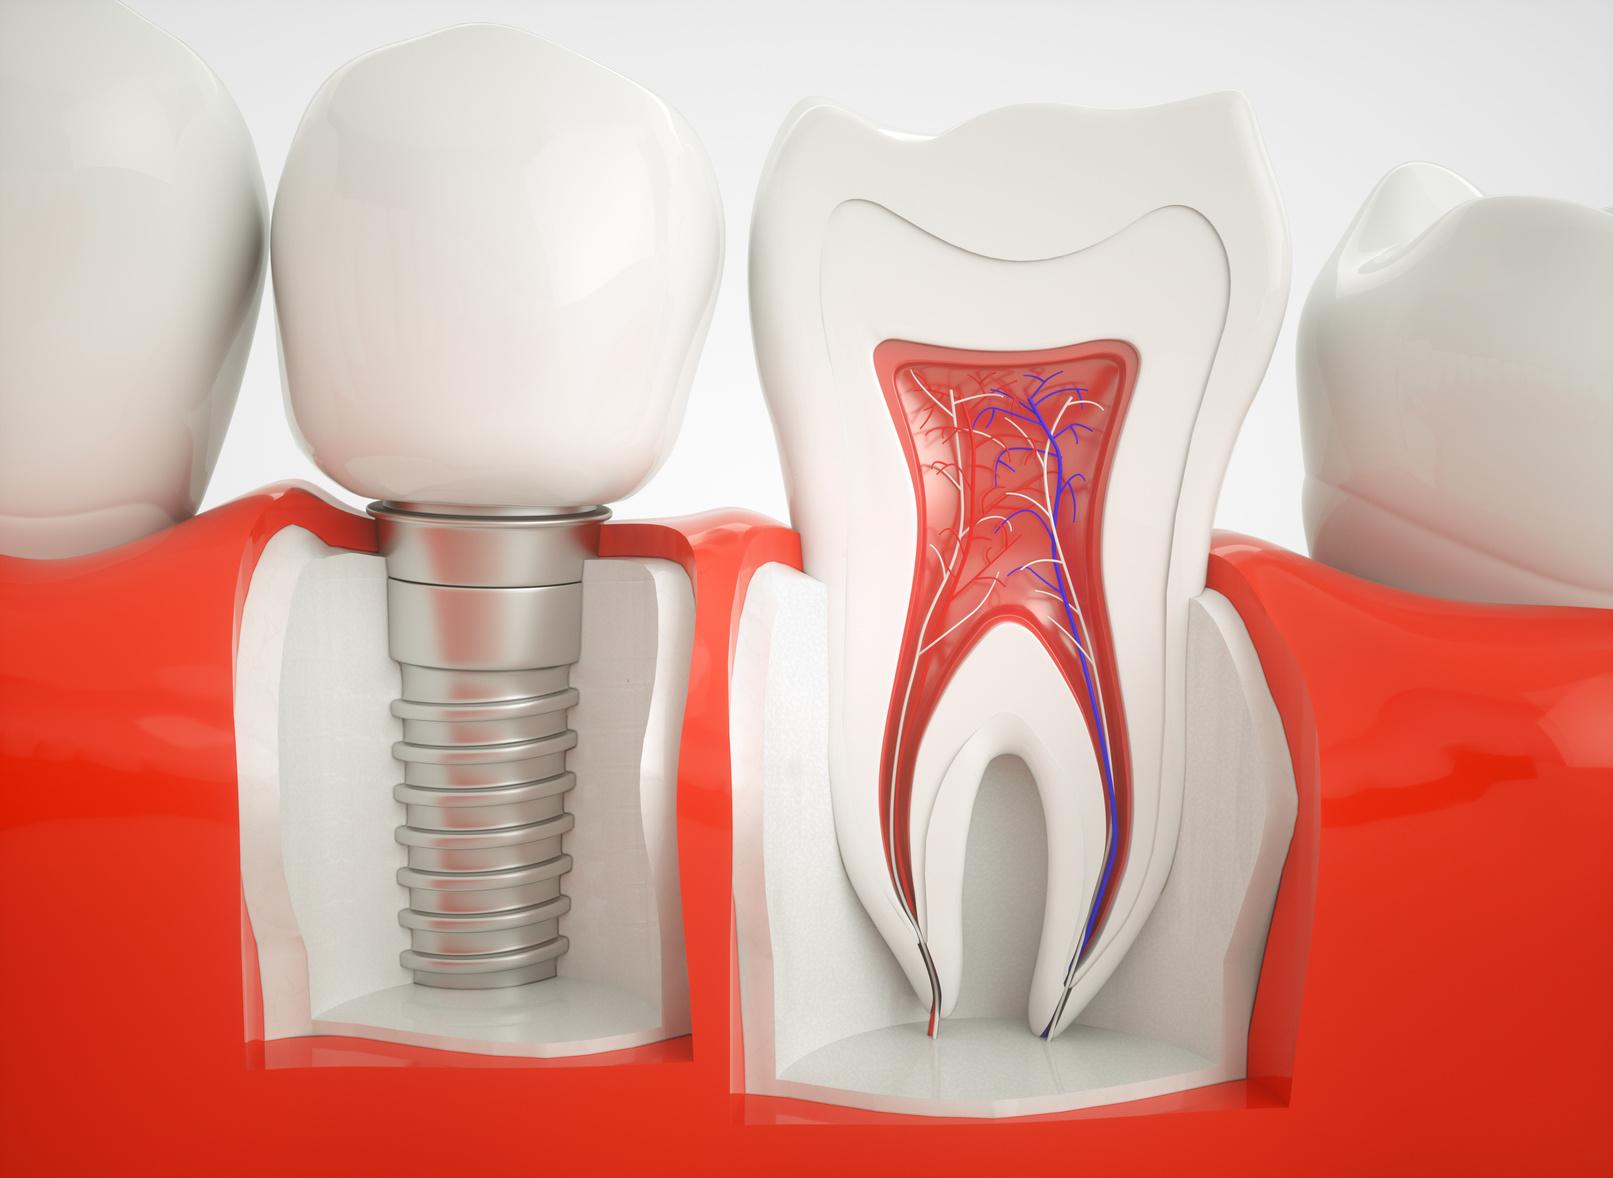 Nowoczesne techniki implantologiczne dostępne w krakowskich klinikach stomatologicznych